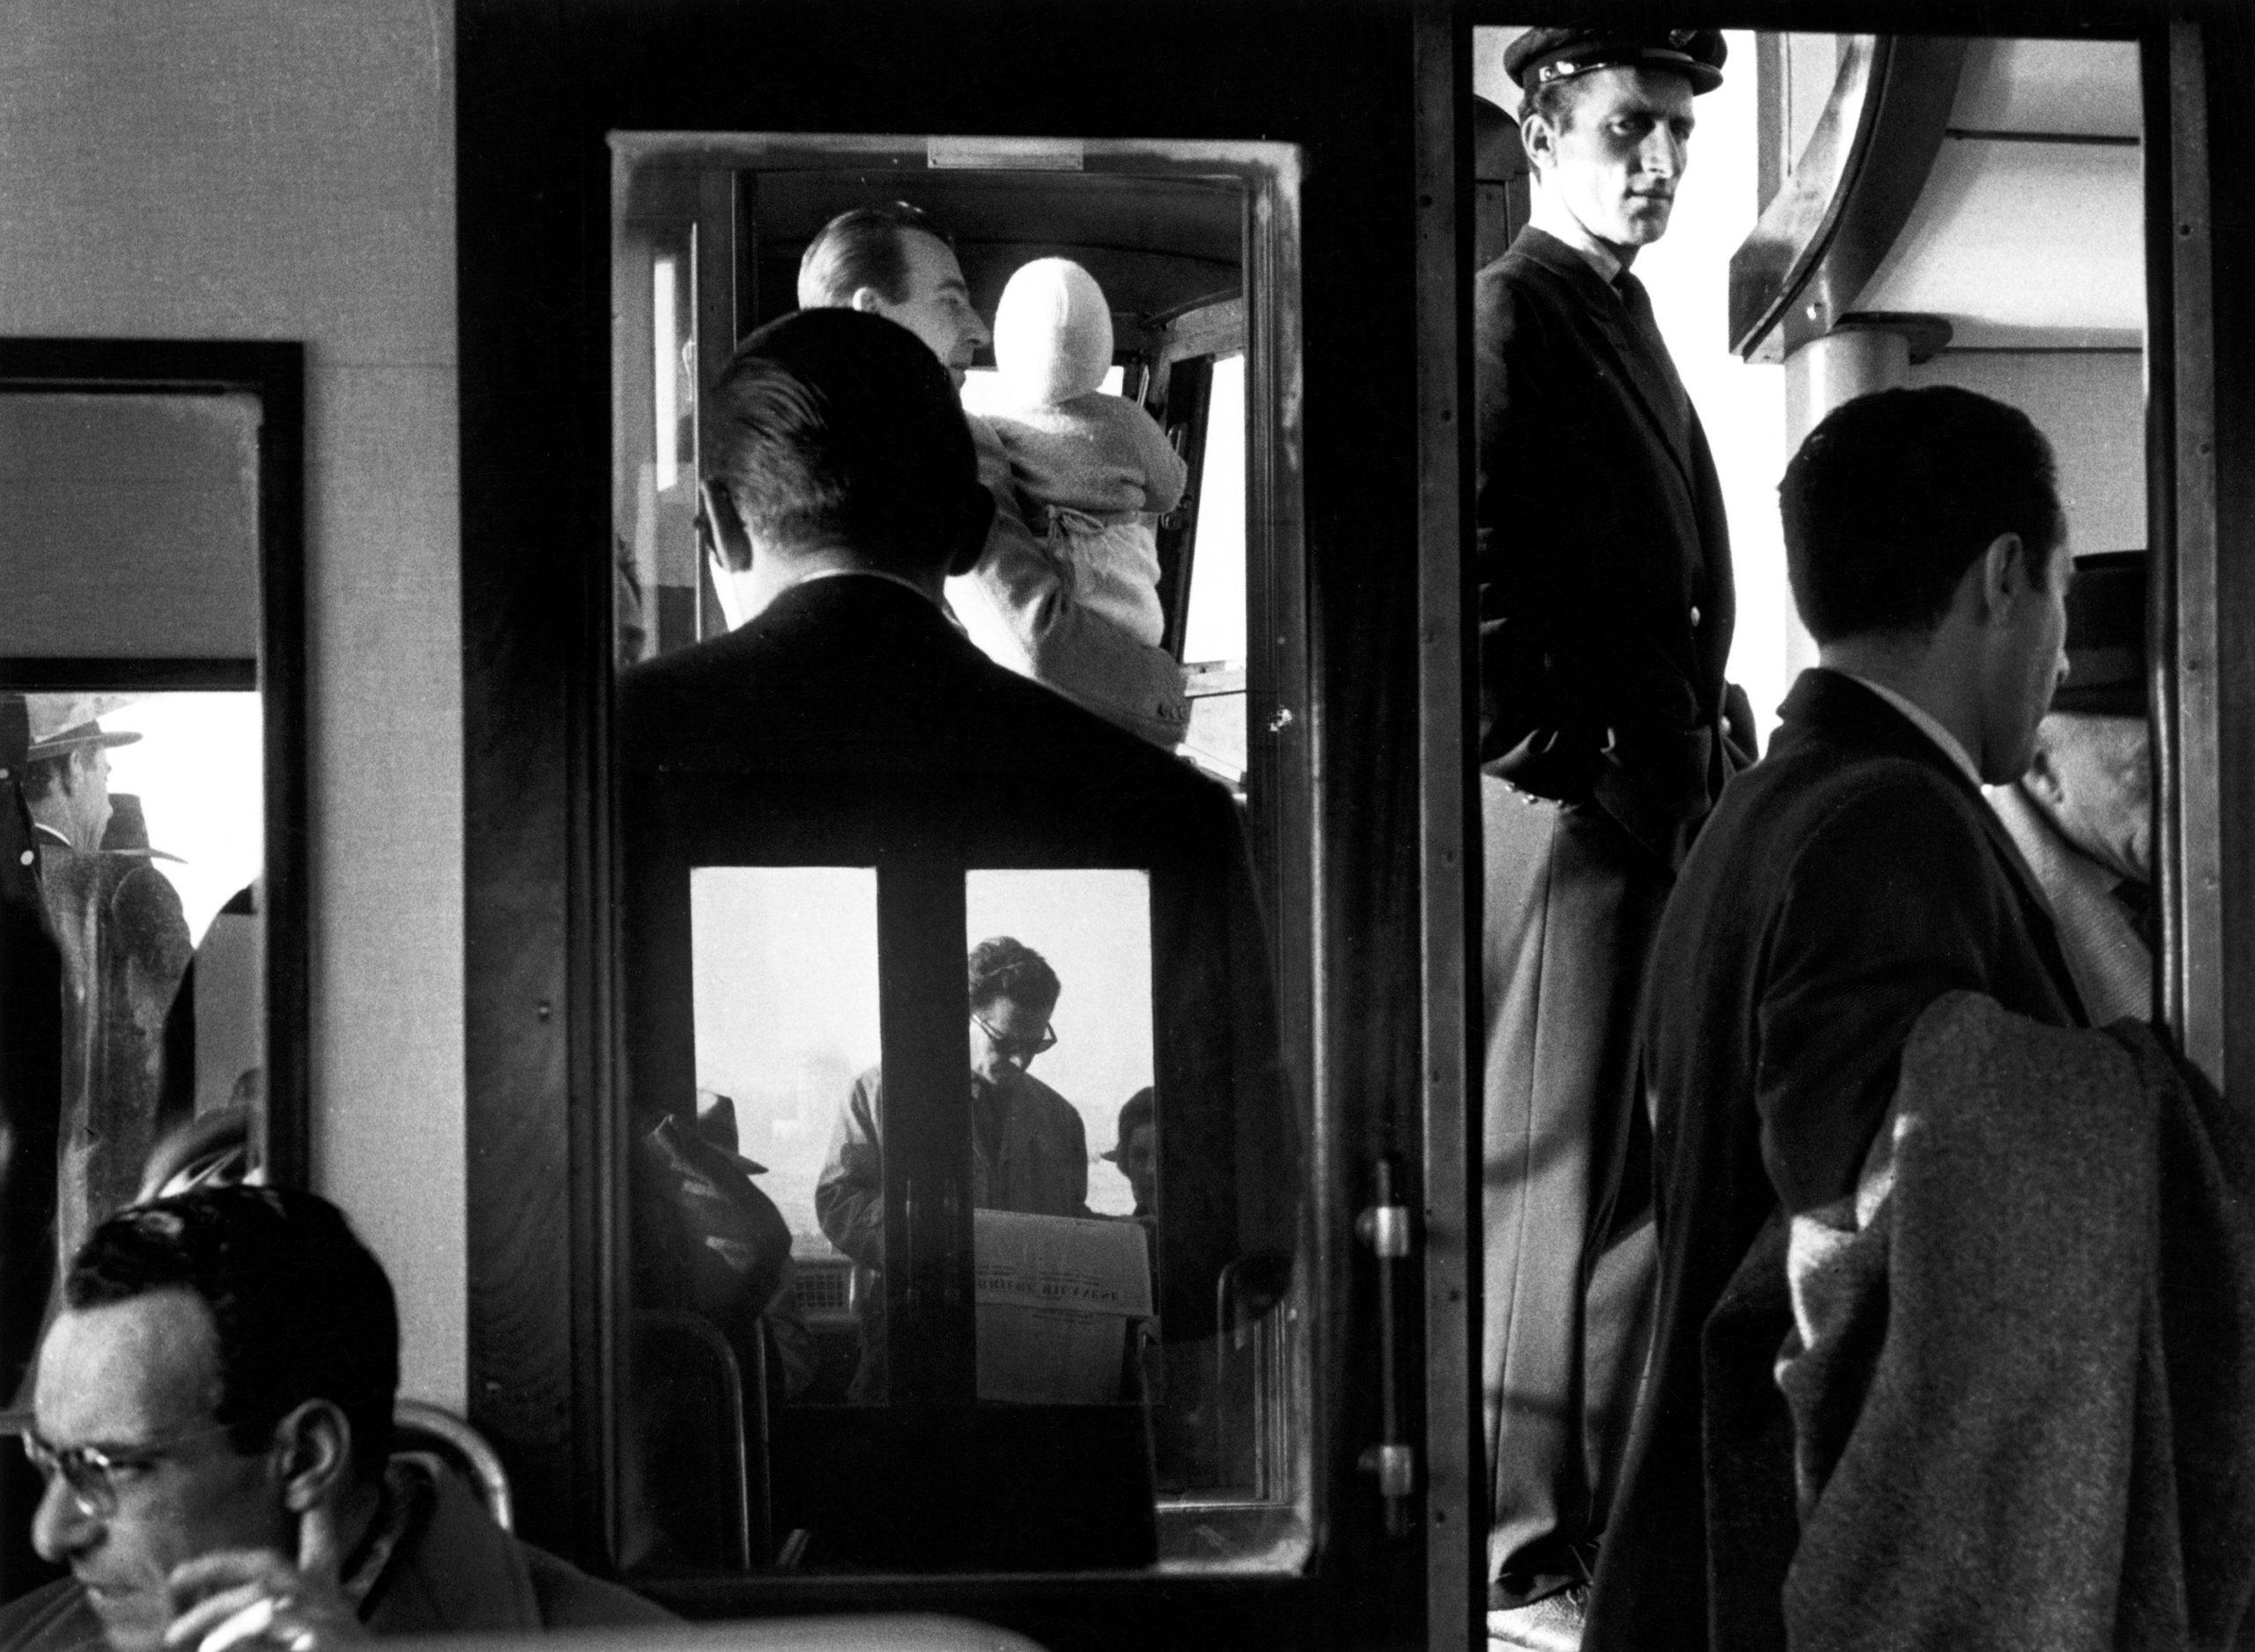 60 anni d'Italia negli scatti di Gianni Berengo Gardin (accompagnati da testi d'autore). La mostra-omaggio a Milano